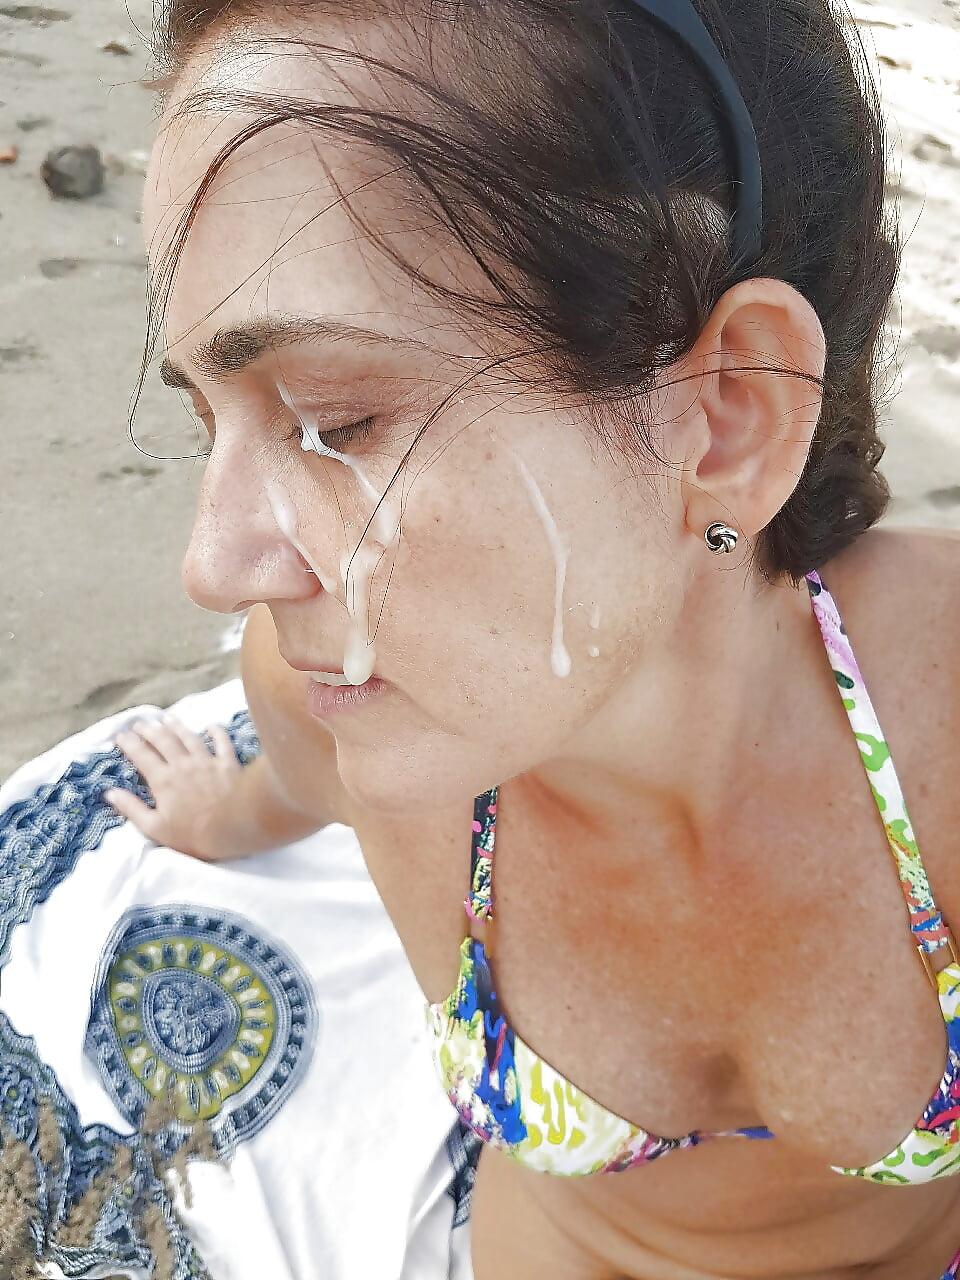 beach-cum-facial-older-women-amateur-sex-videos